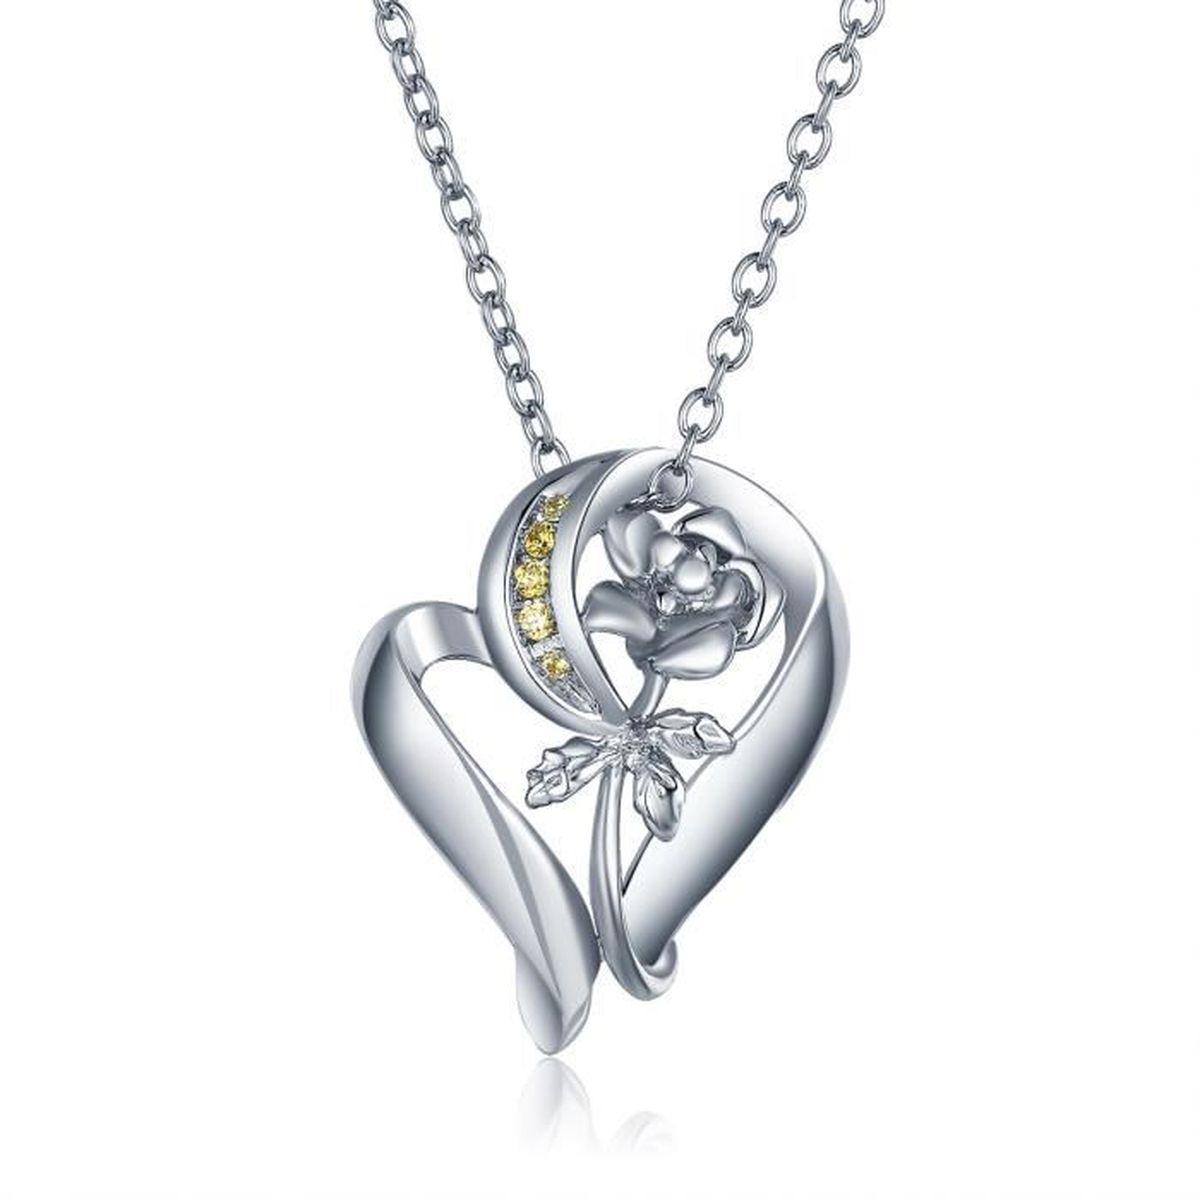 Mblife Coeur Rose Fleur Pendentif Collier Femme Argent Sterling 925